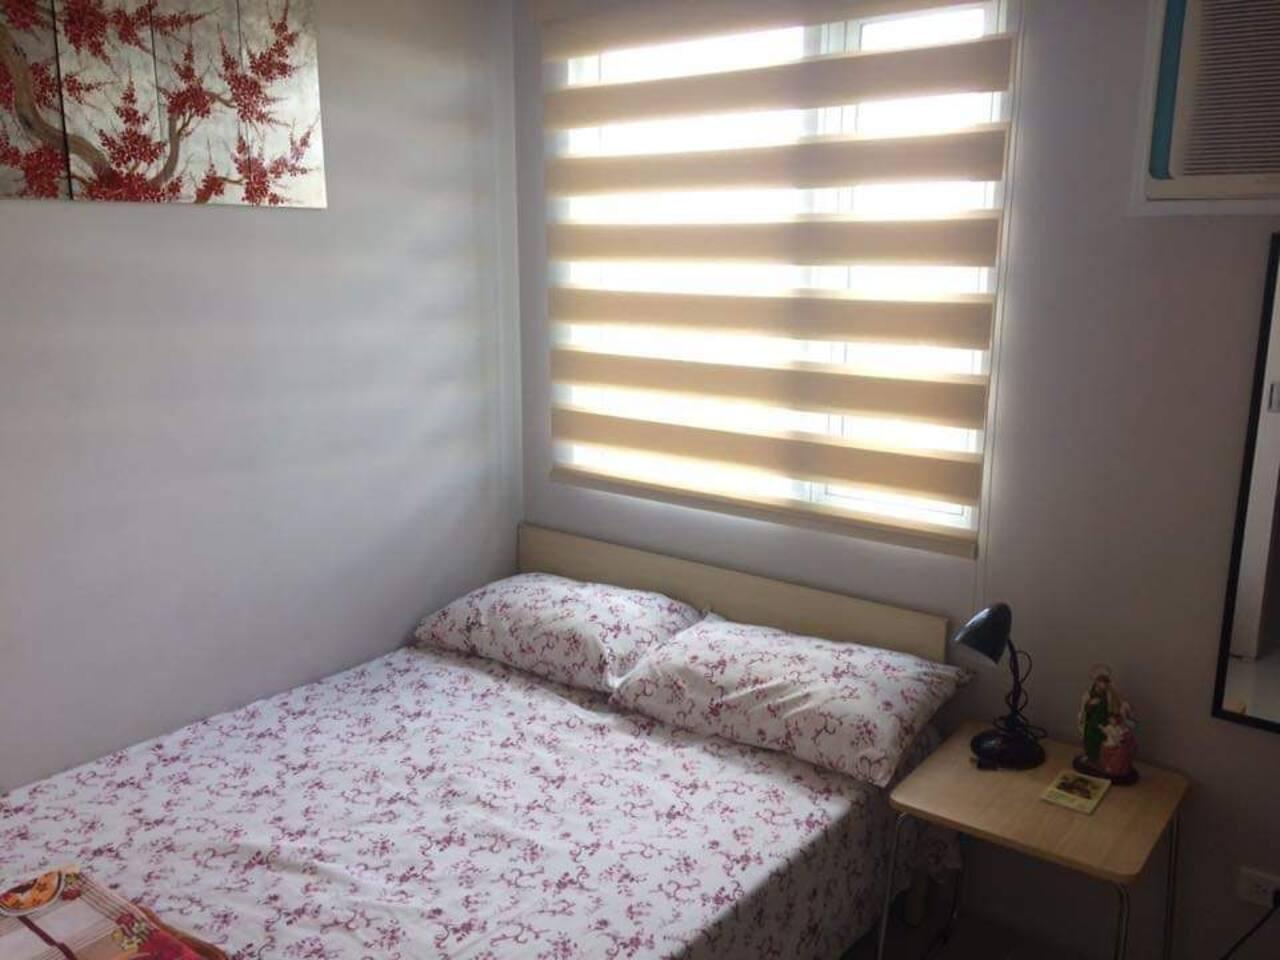 Queen size bed in bedroom